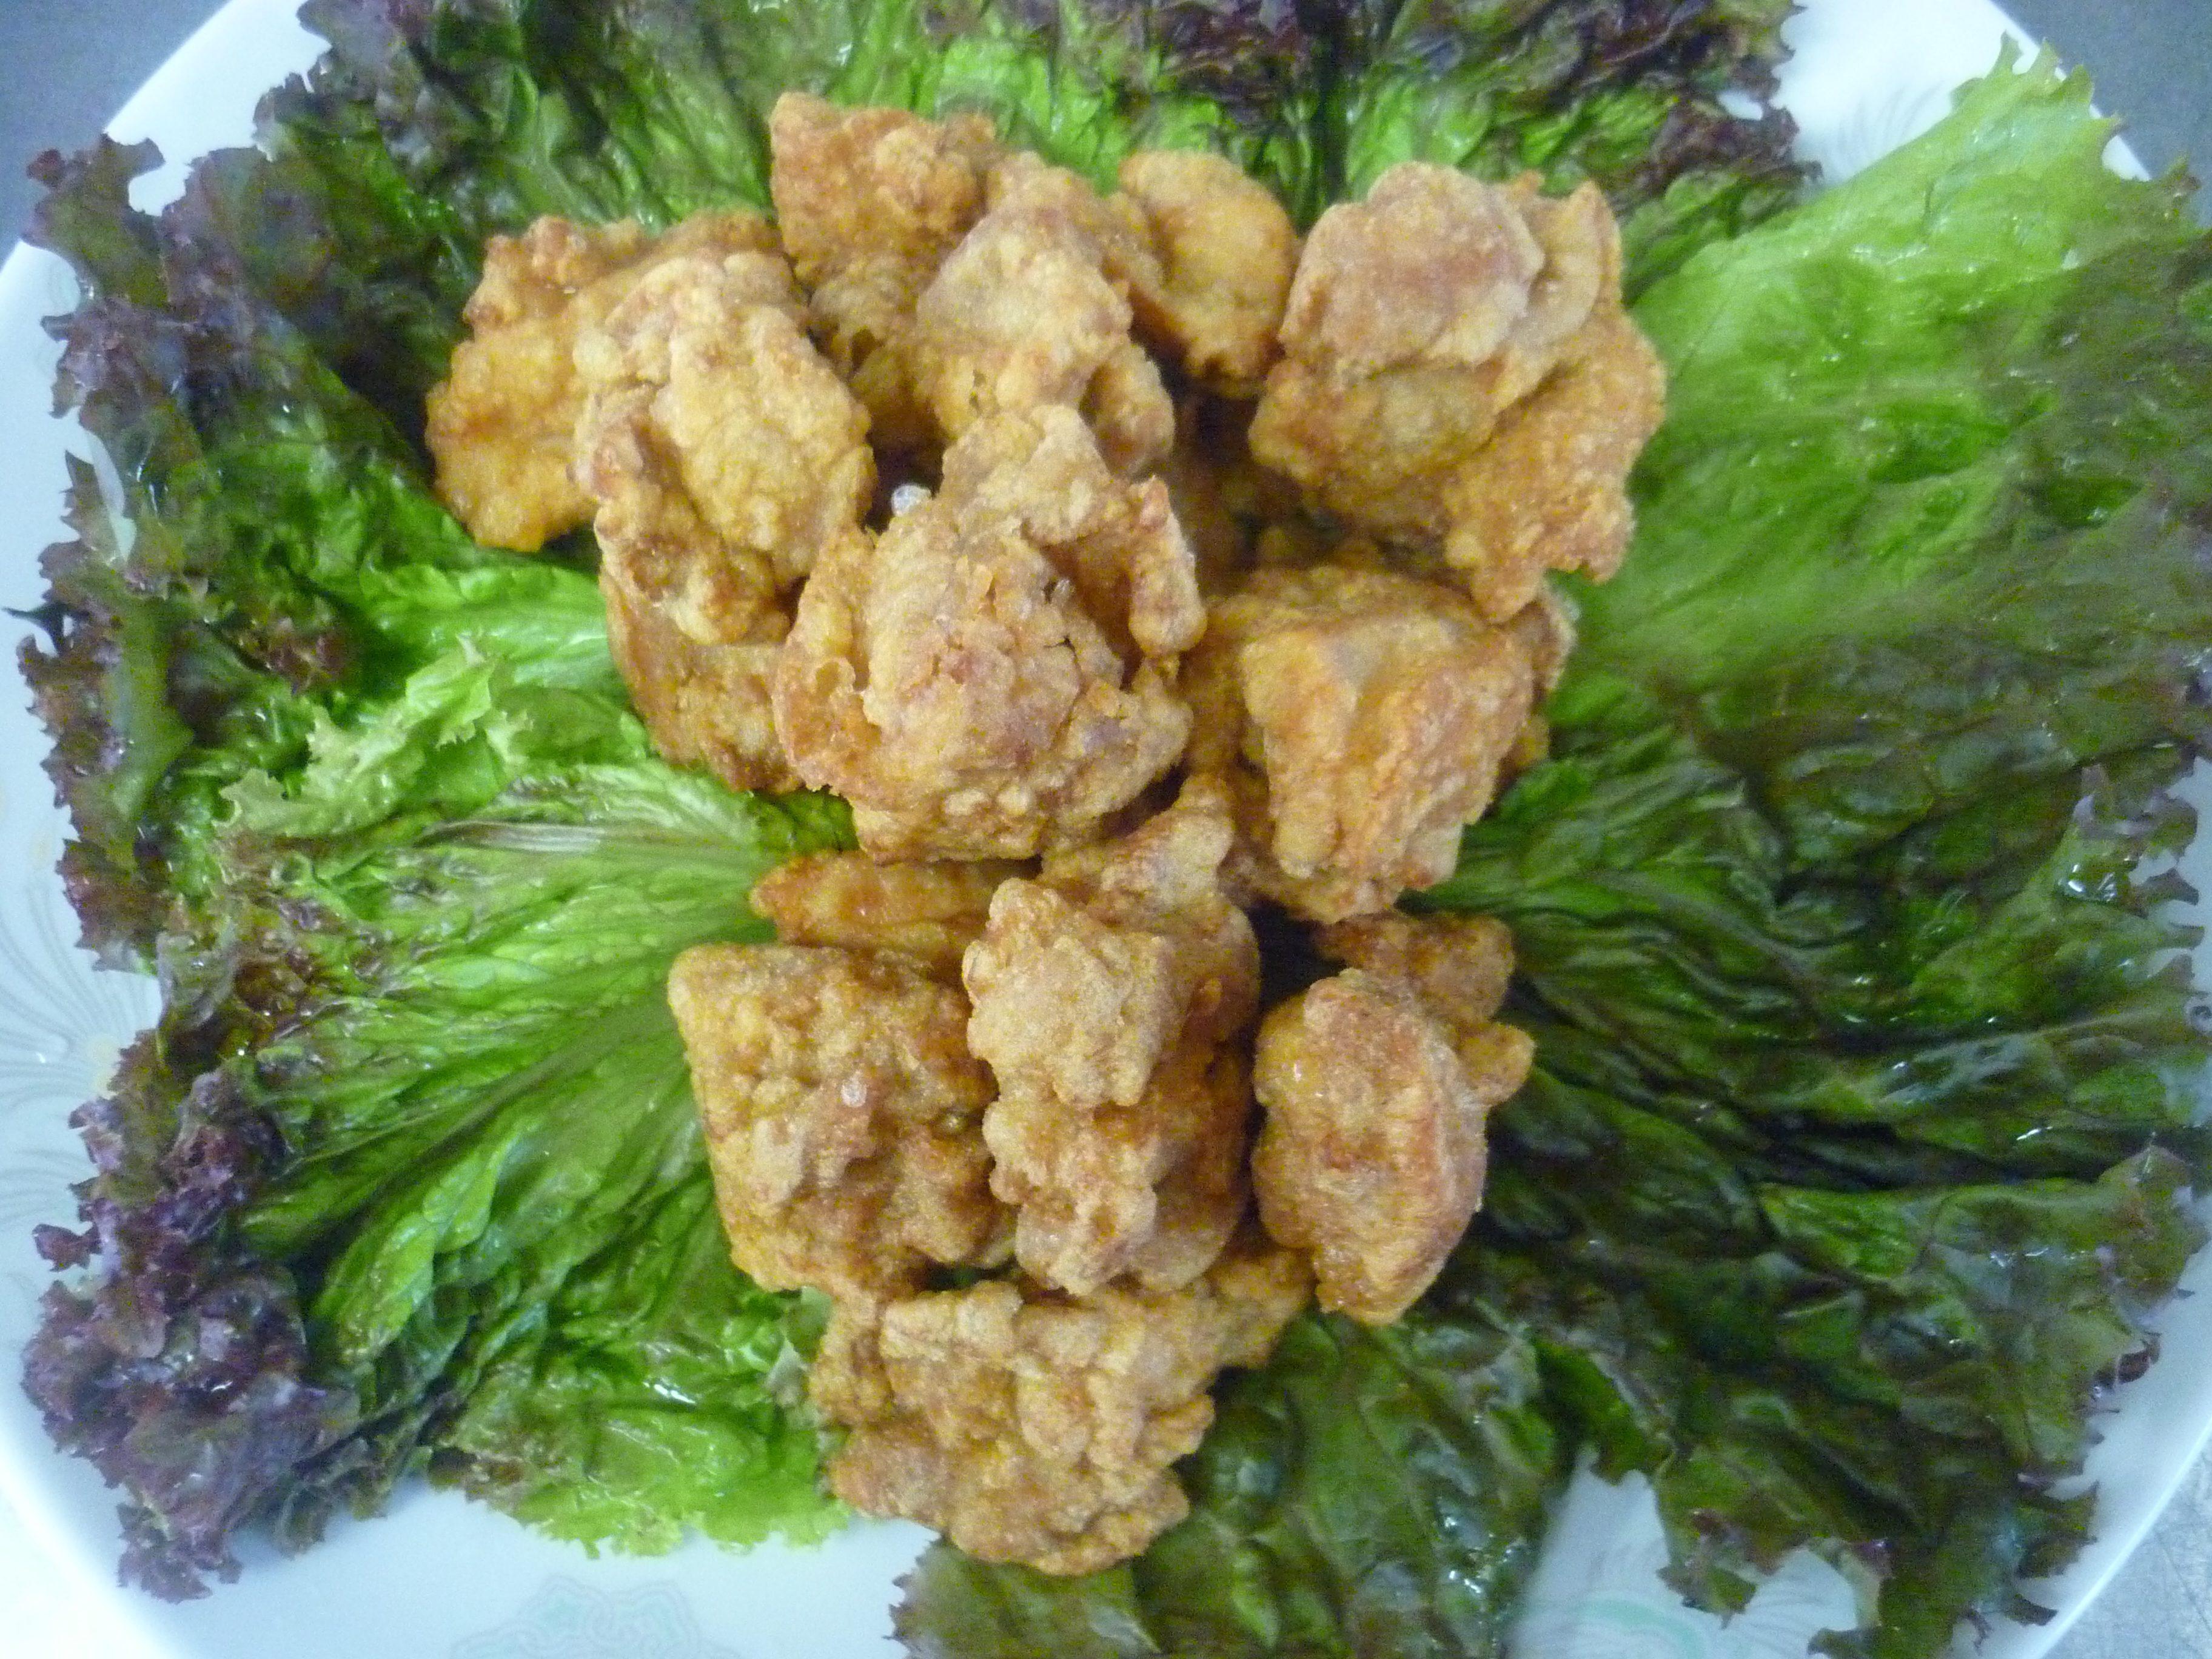 香酥啐炸鶏(鶏のからあげ)